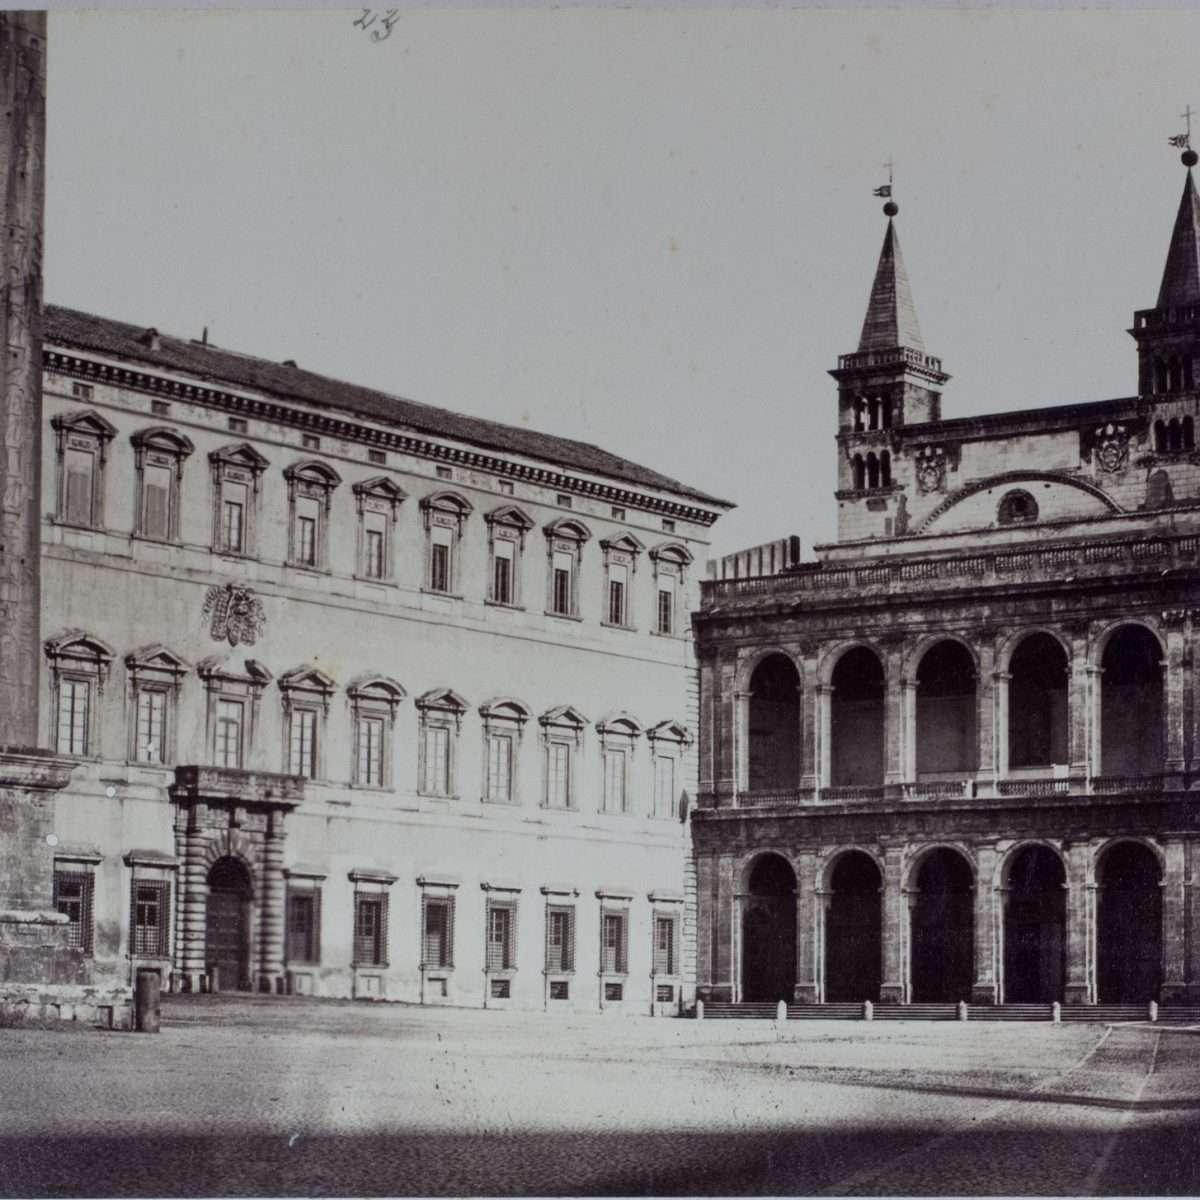 L-1090202 - Piazza di San Giovanni in Laterano